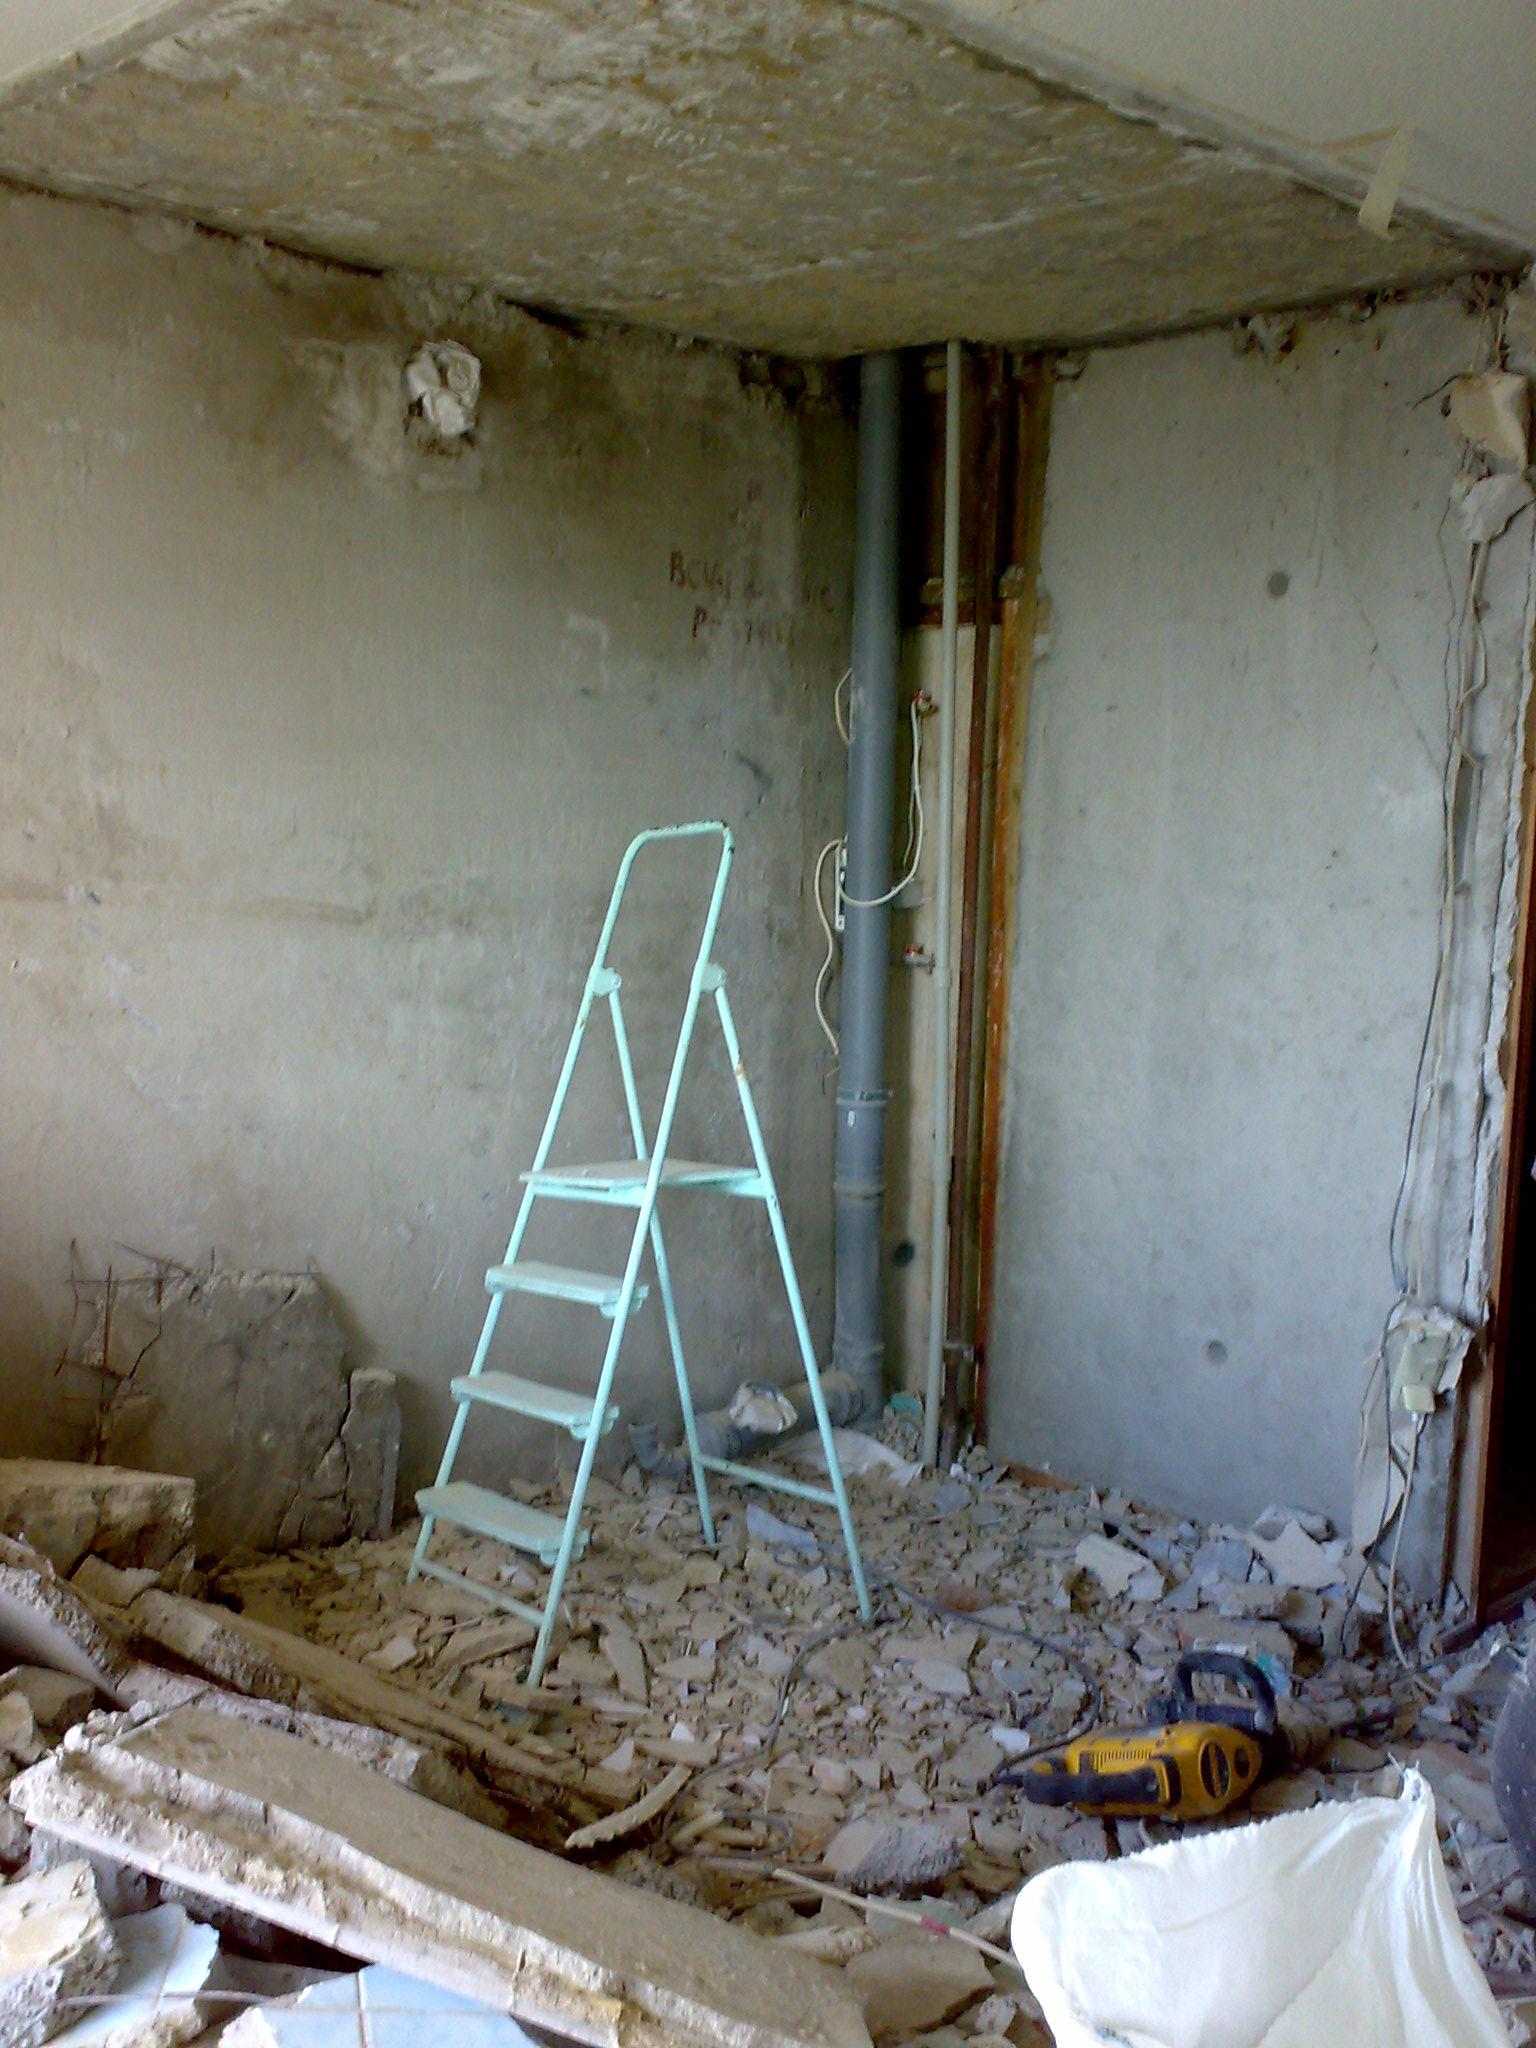 Фото к объявлению: демонтаж санкабины, перегородок в харьков.